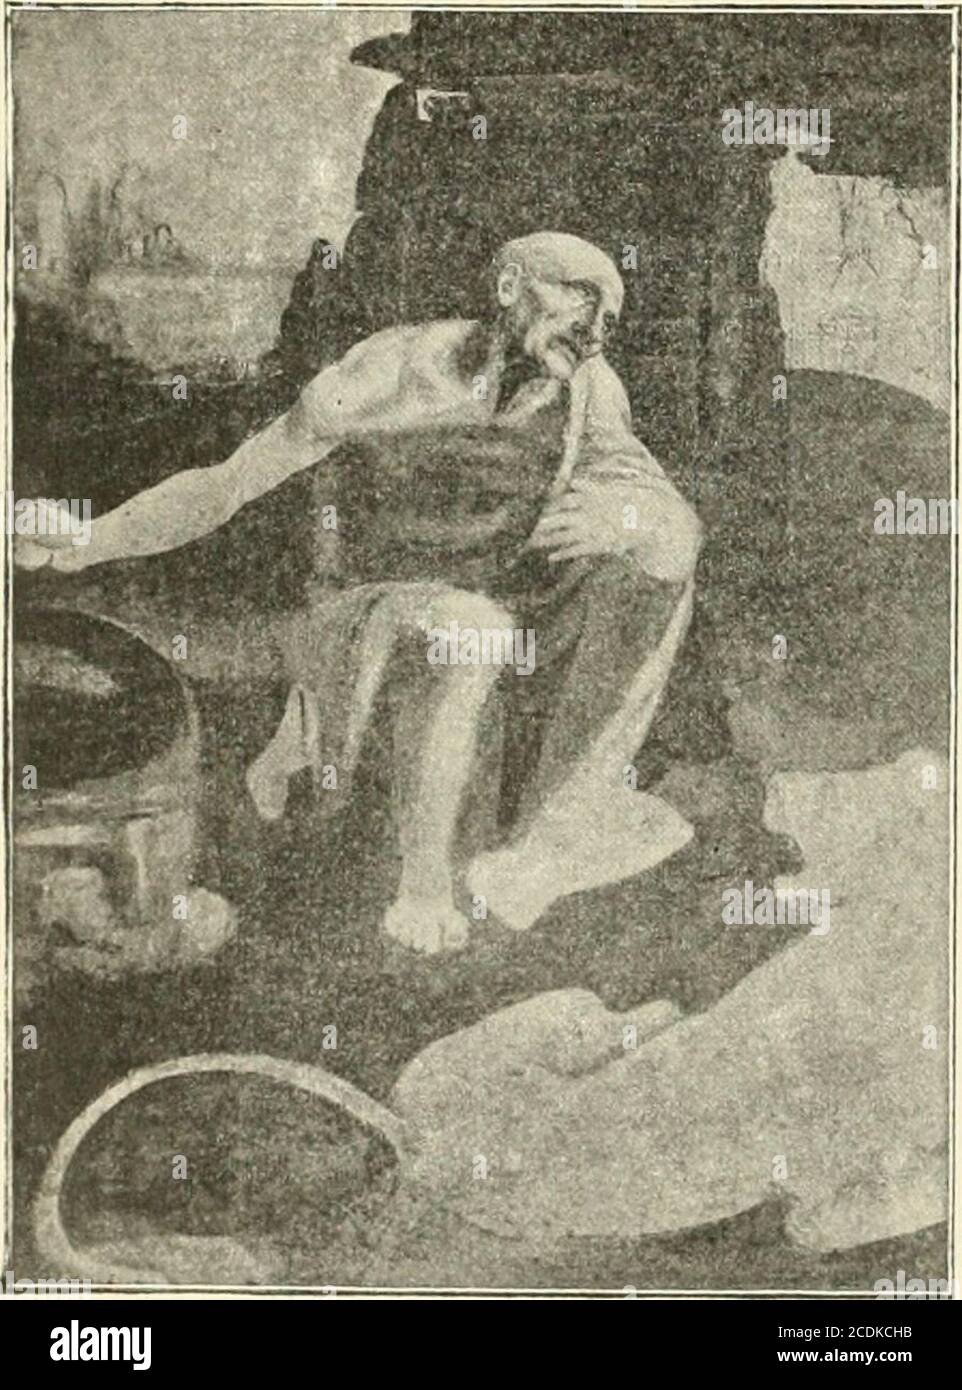 . Revue de l'art chrétien . ontre le ciseau, exécutant louvrage qui loccupependant dix-sept années, la statue équestre duduc François Sforza, père de Ludovic le More. Peu nombreux sont les dessins pour la Cène,que nous possédons, mais cependant, tout le REVUE DE laici I HNÉT1KNl8çg. — 2,lle LIVRAISON 156 JRcliuc lie l&vt chrétien. prouve, lenfantement en a été laborieux. Rien,dailleurs, dans lœuvre de lartiste ne prend corpsquaprès un travail considérable : les croquis, lesébauches qui demeurent, montrent la conscienceapportée par Léonard aux plus petits détails,les portraits, comme les carica Stock Photo